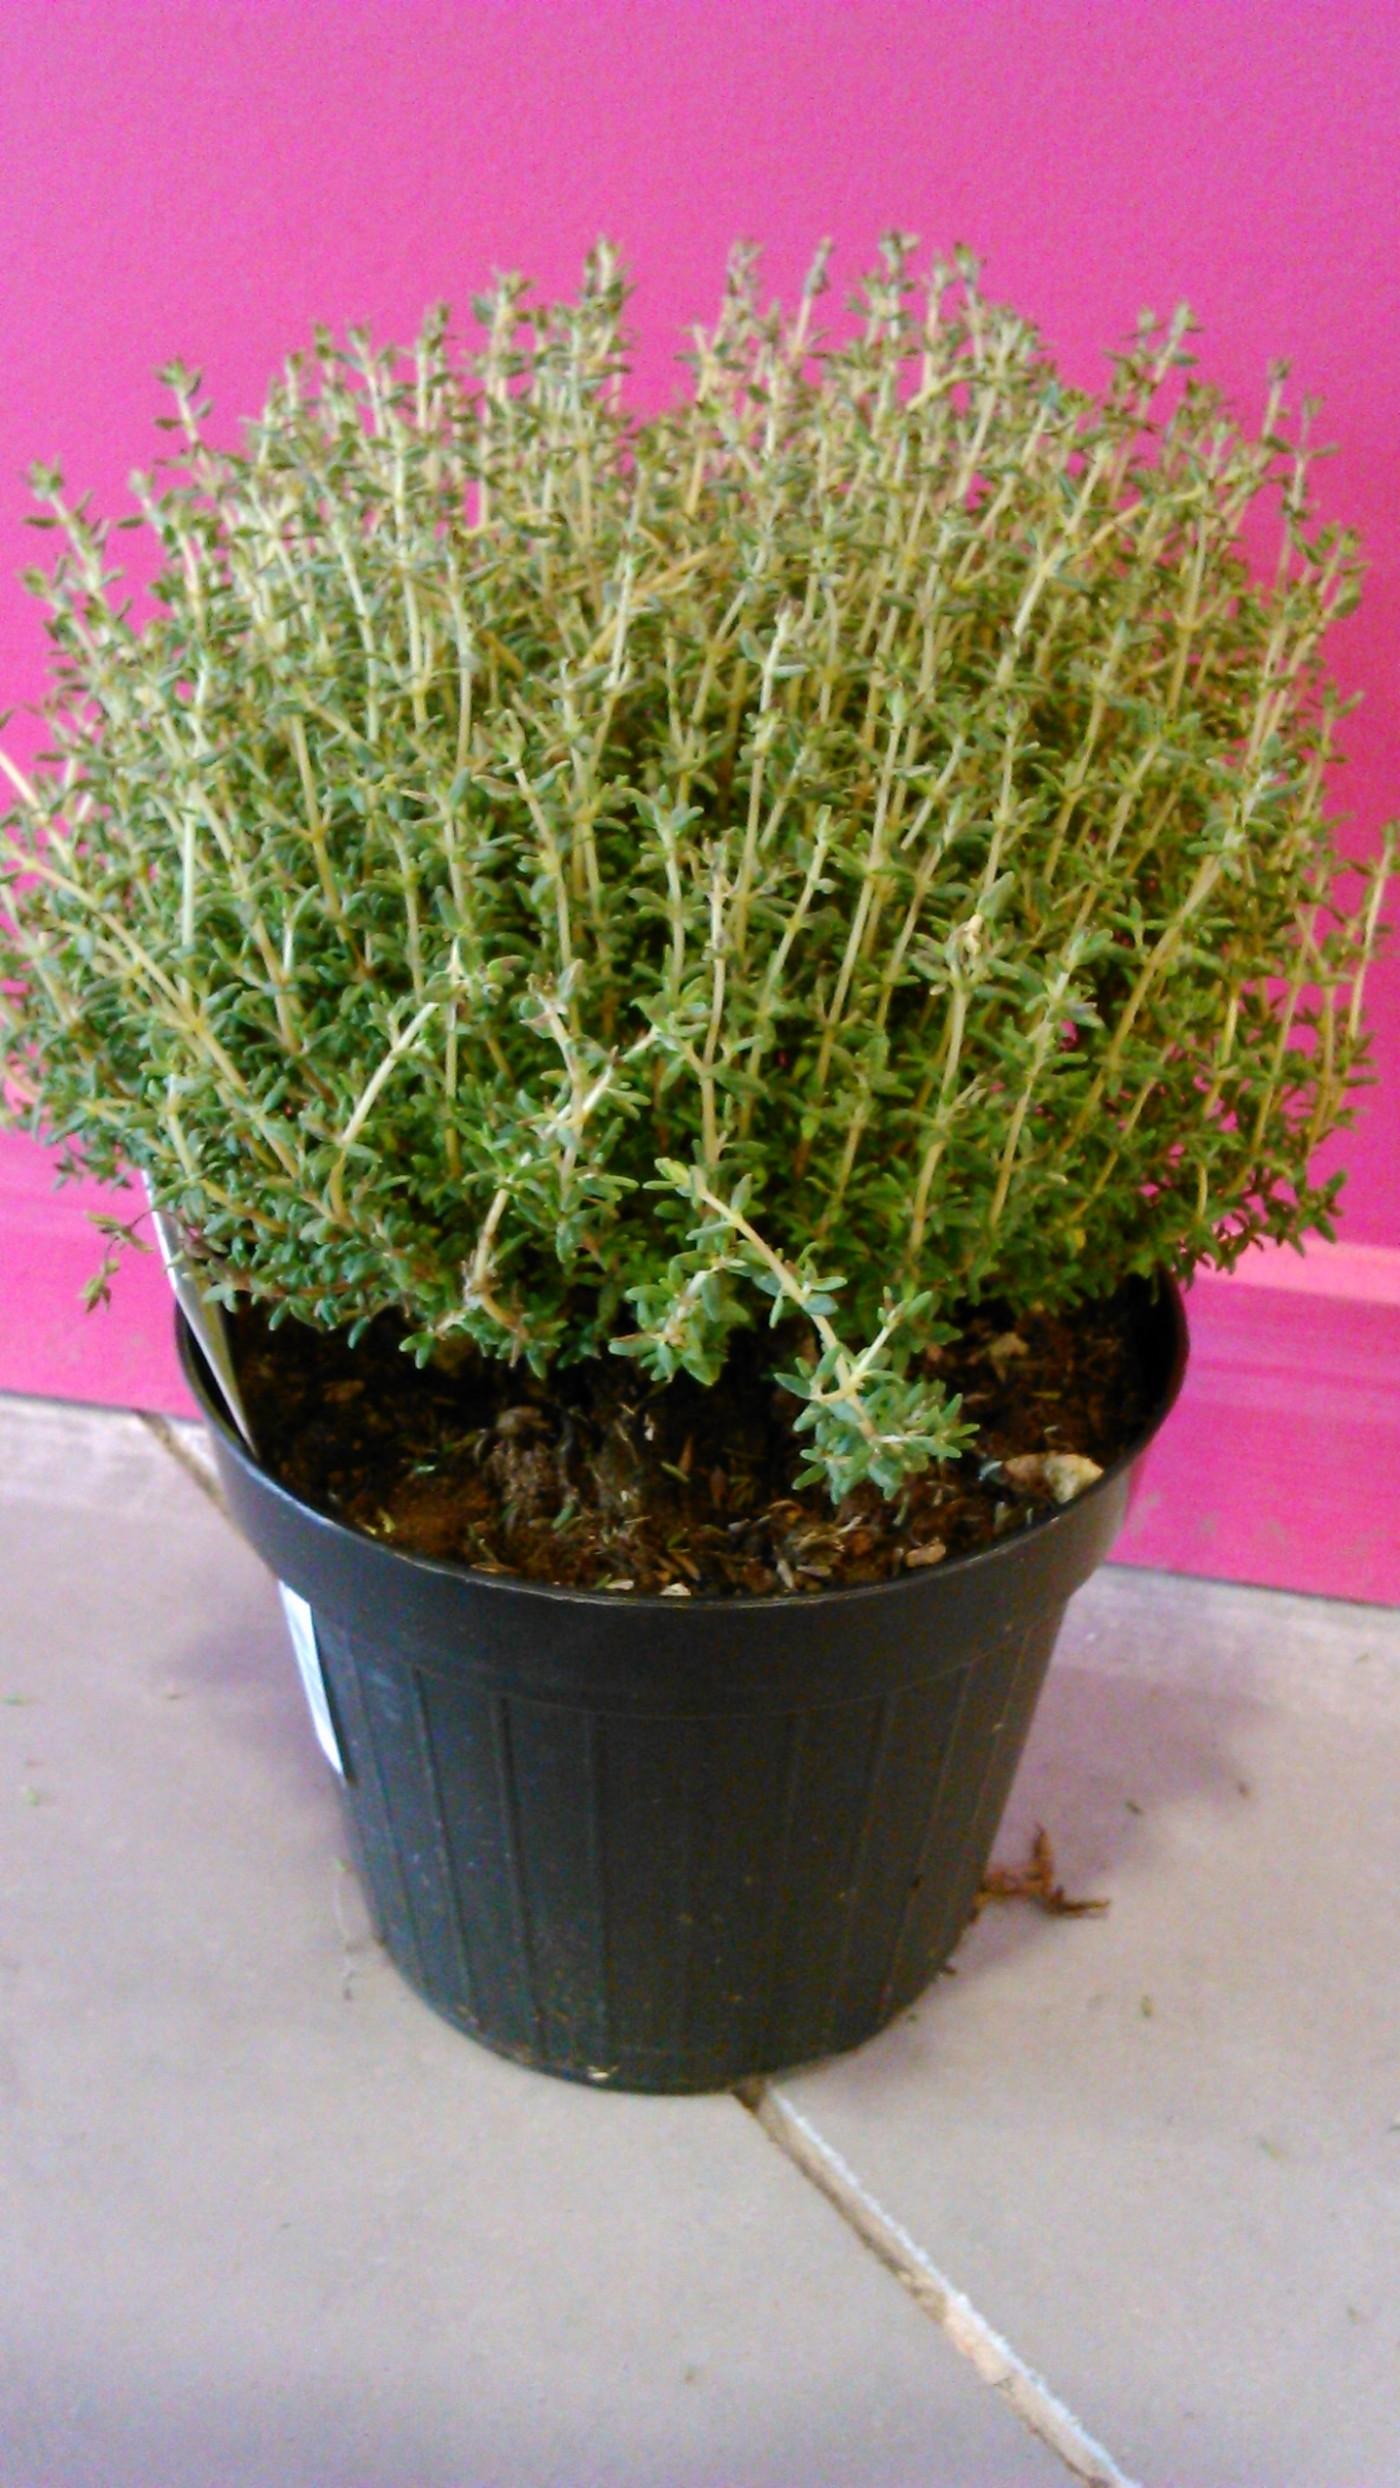 Des plantes belles et utiles !